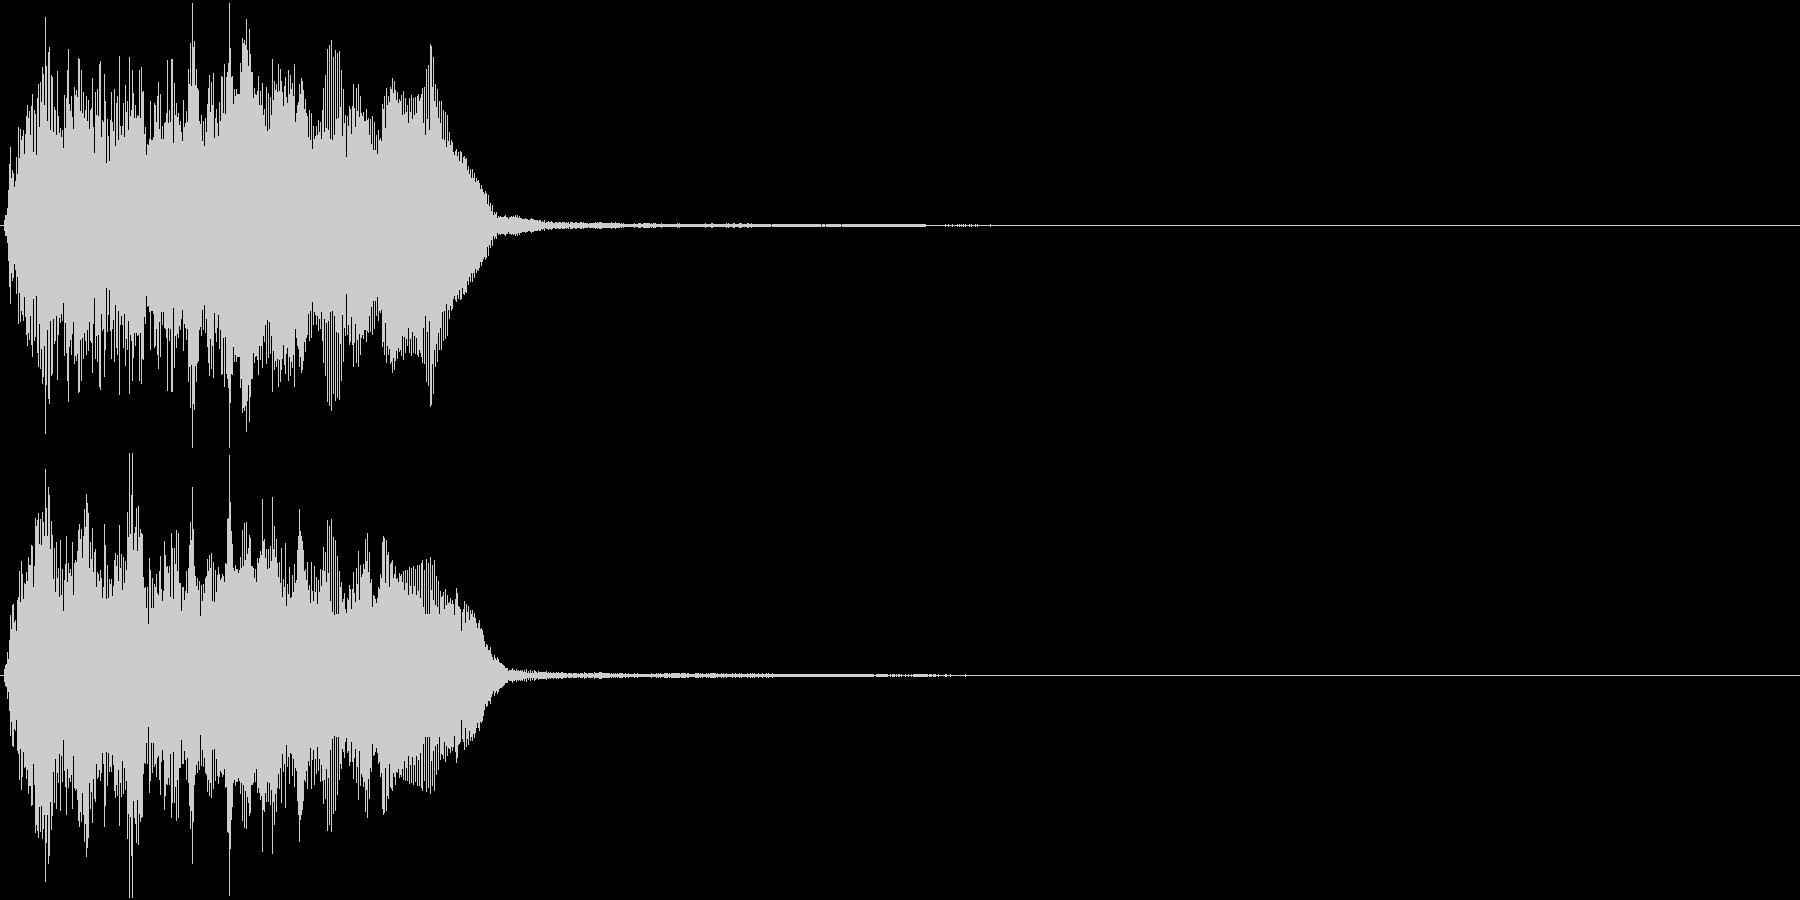 トランペット ファンファーレ 定番 20の未再生の波形